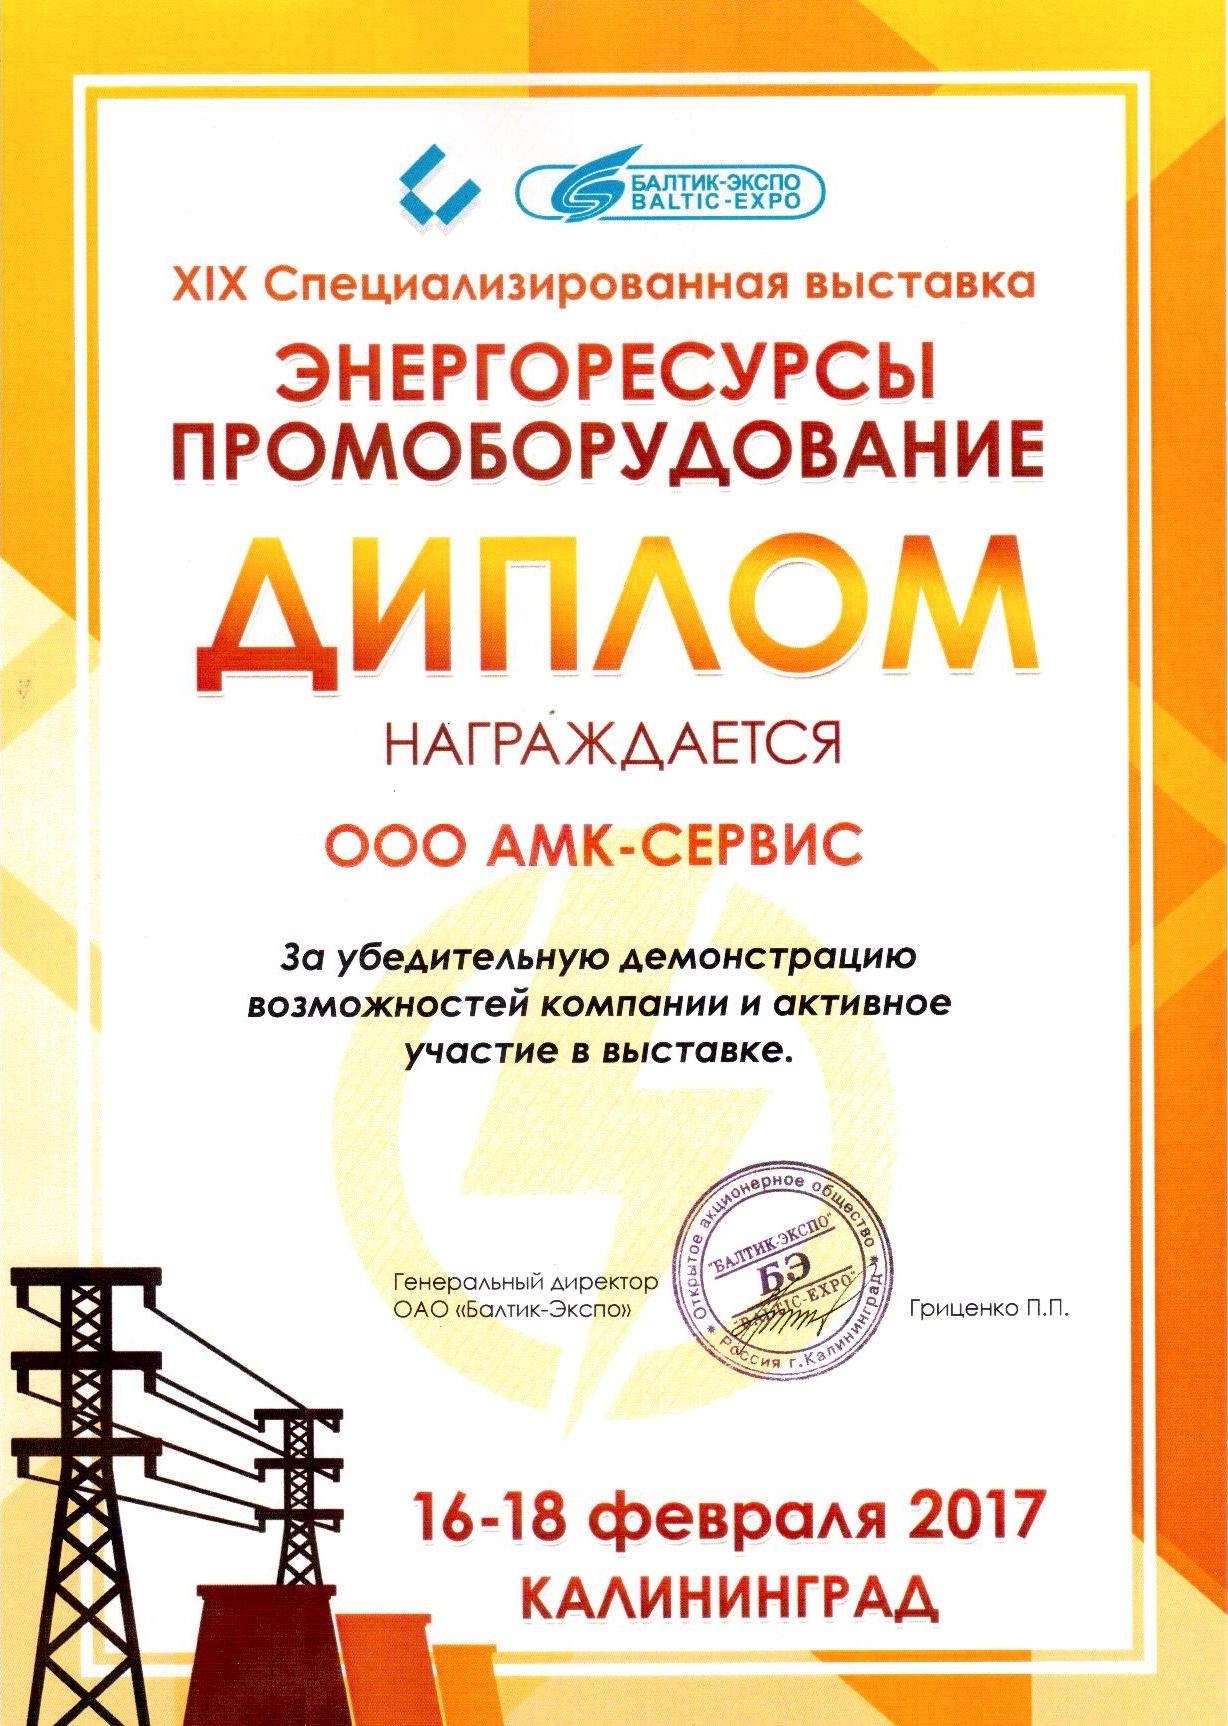 АМК Сервис производитель станков ЧПУ участник Энергоресурсы 2017 Калининград